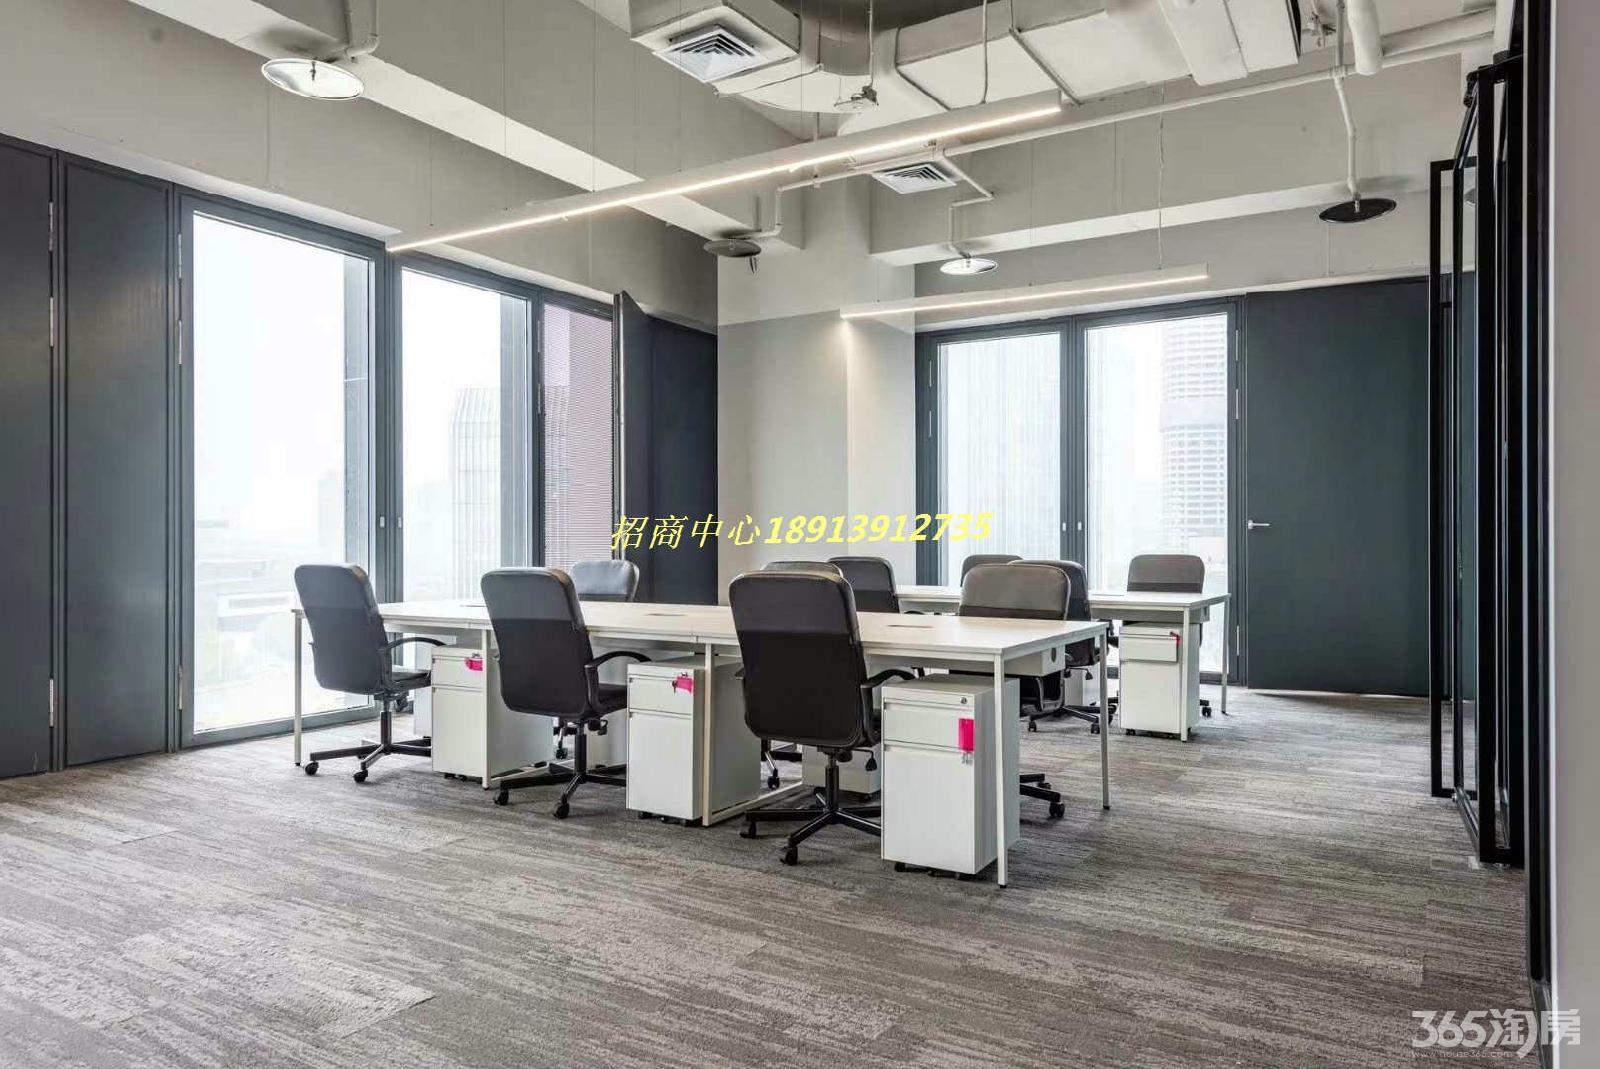 秦淮区新街口南京国际金融中心租房